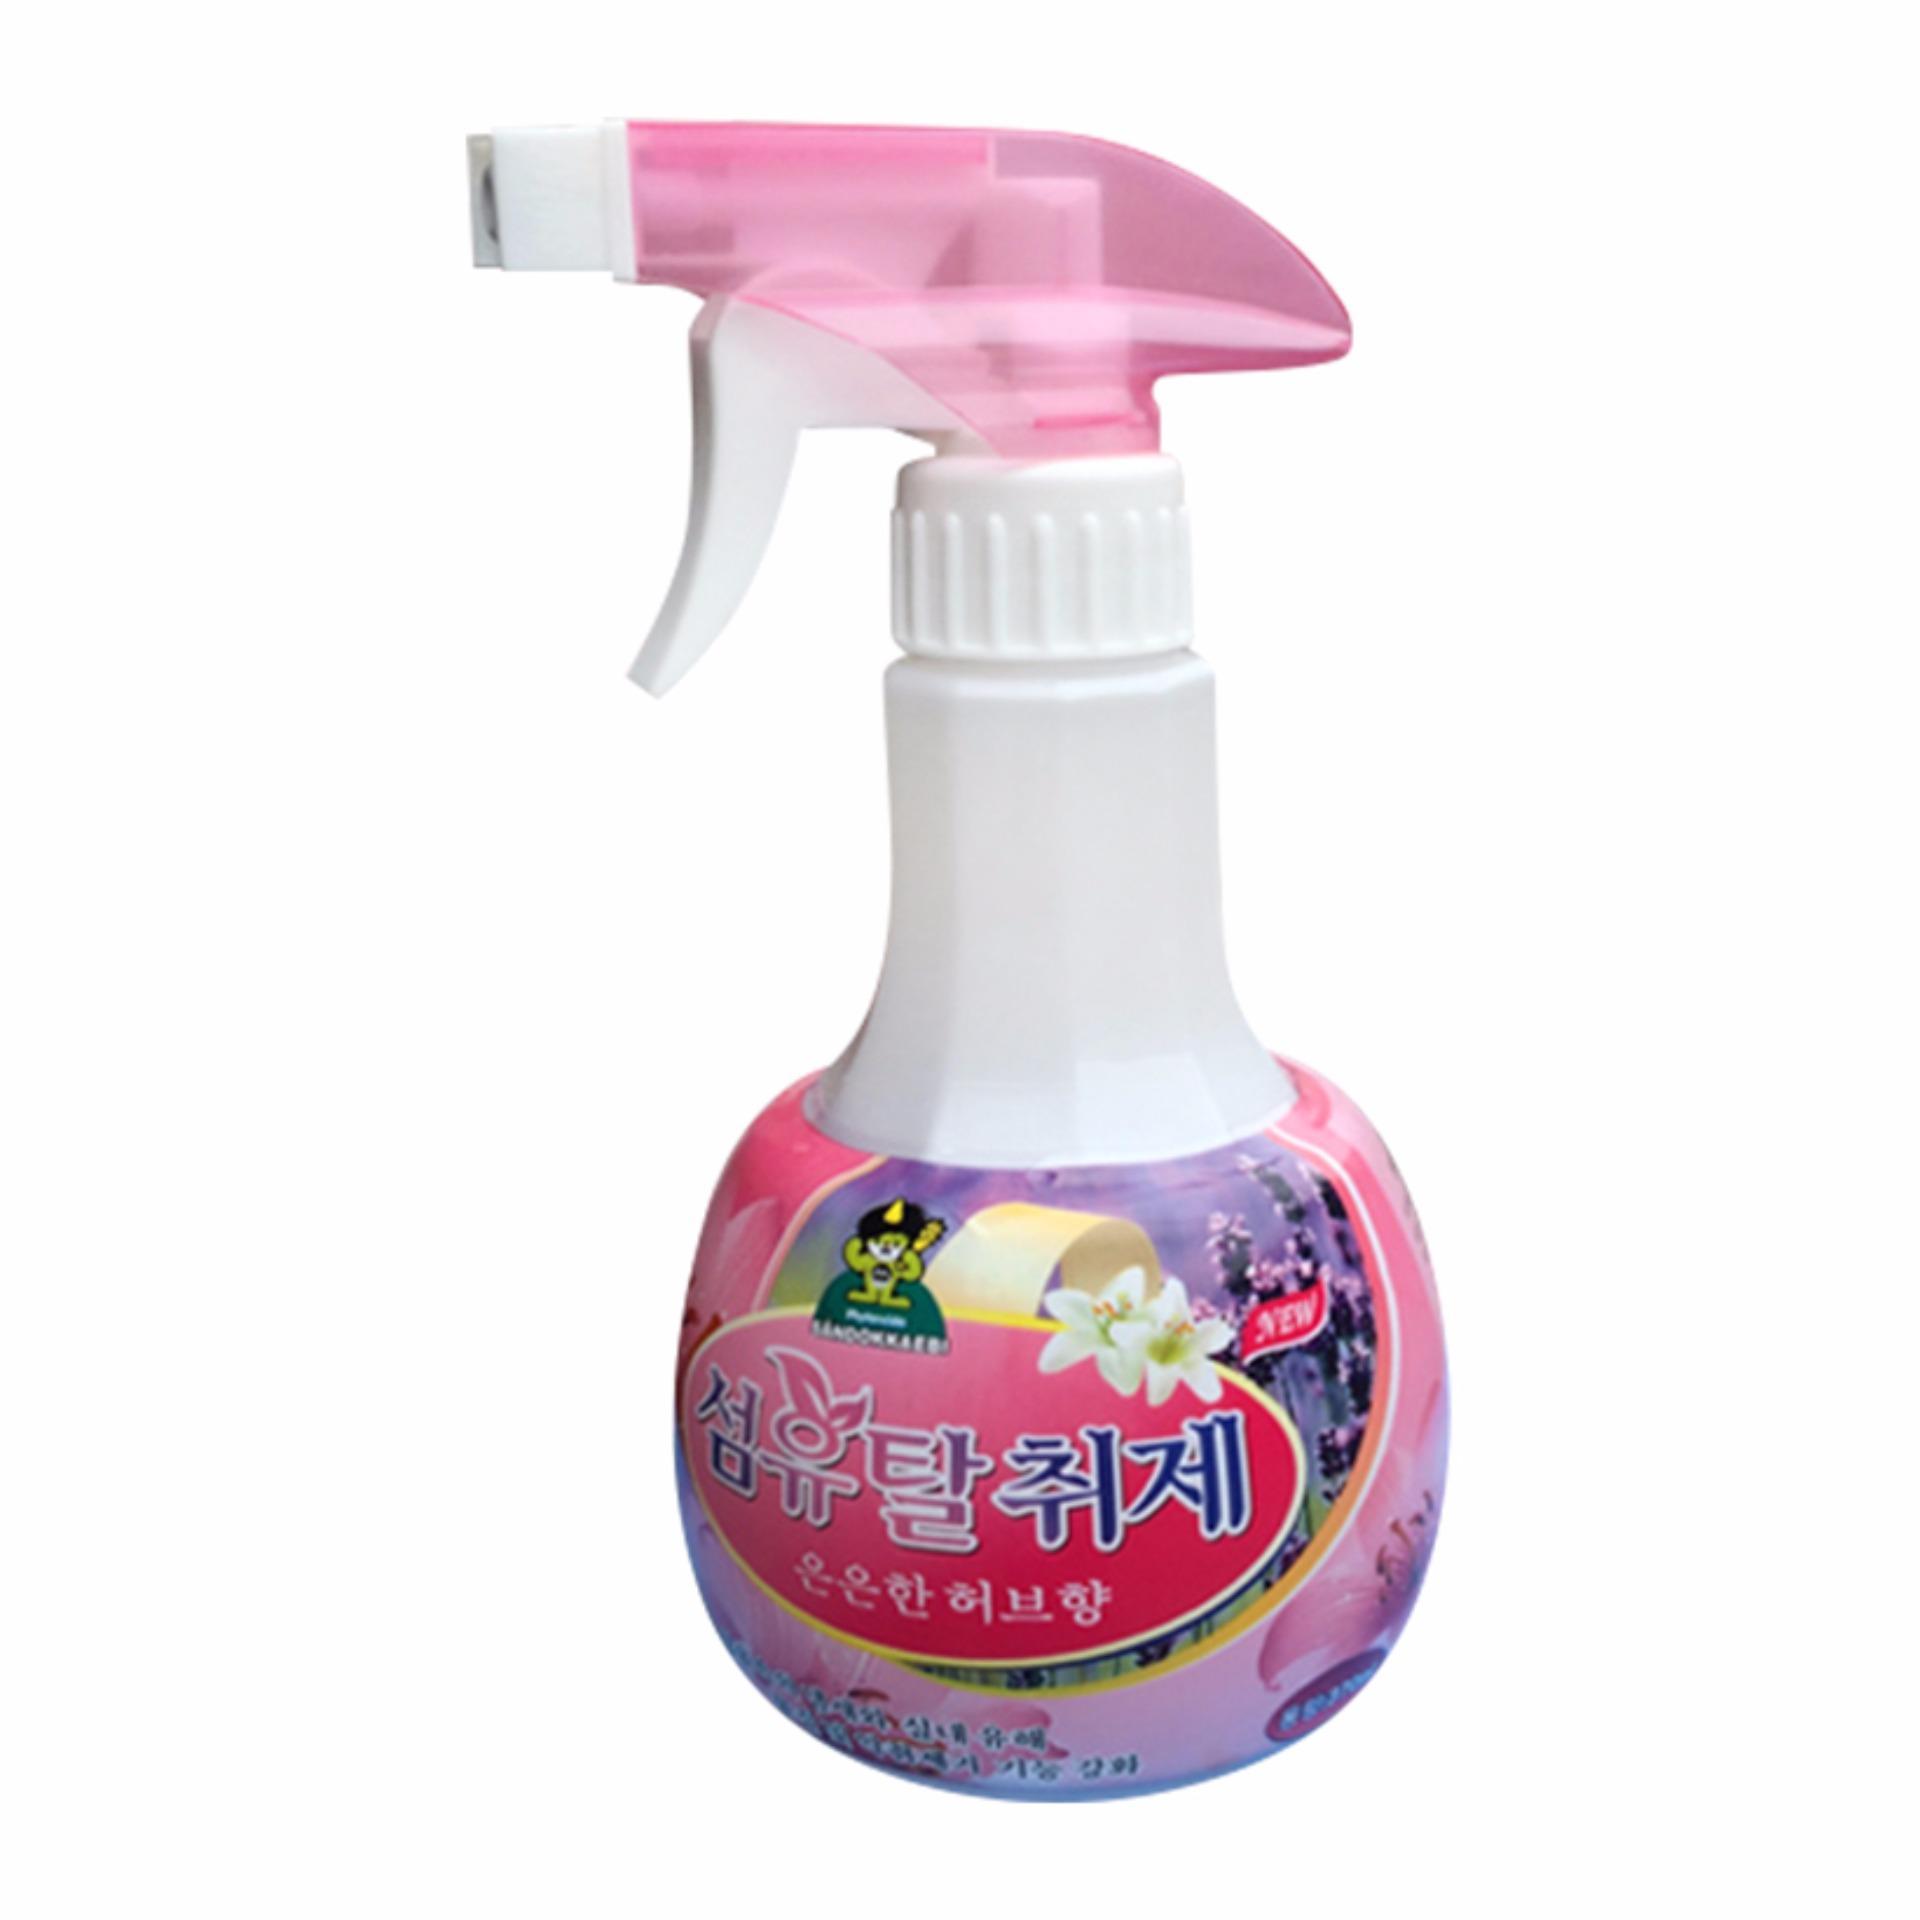 Đánh Giá Chai xịt khử mùi đa năng Hàn Quốc 370Ml (Hương thảo mộc)